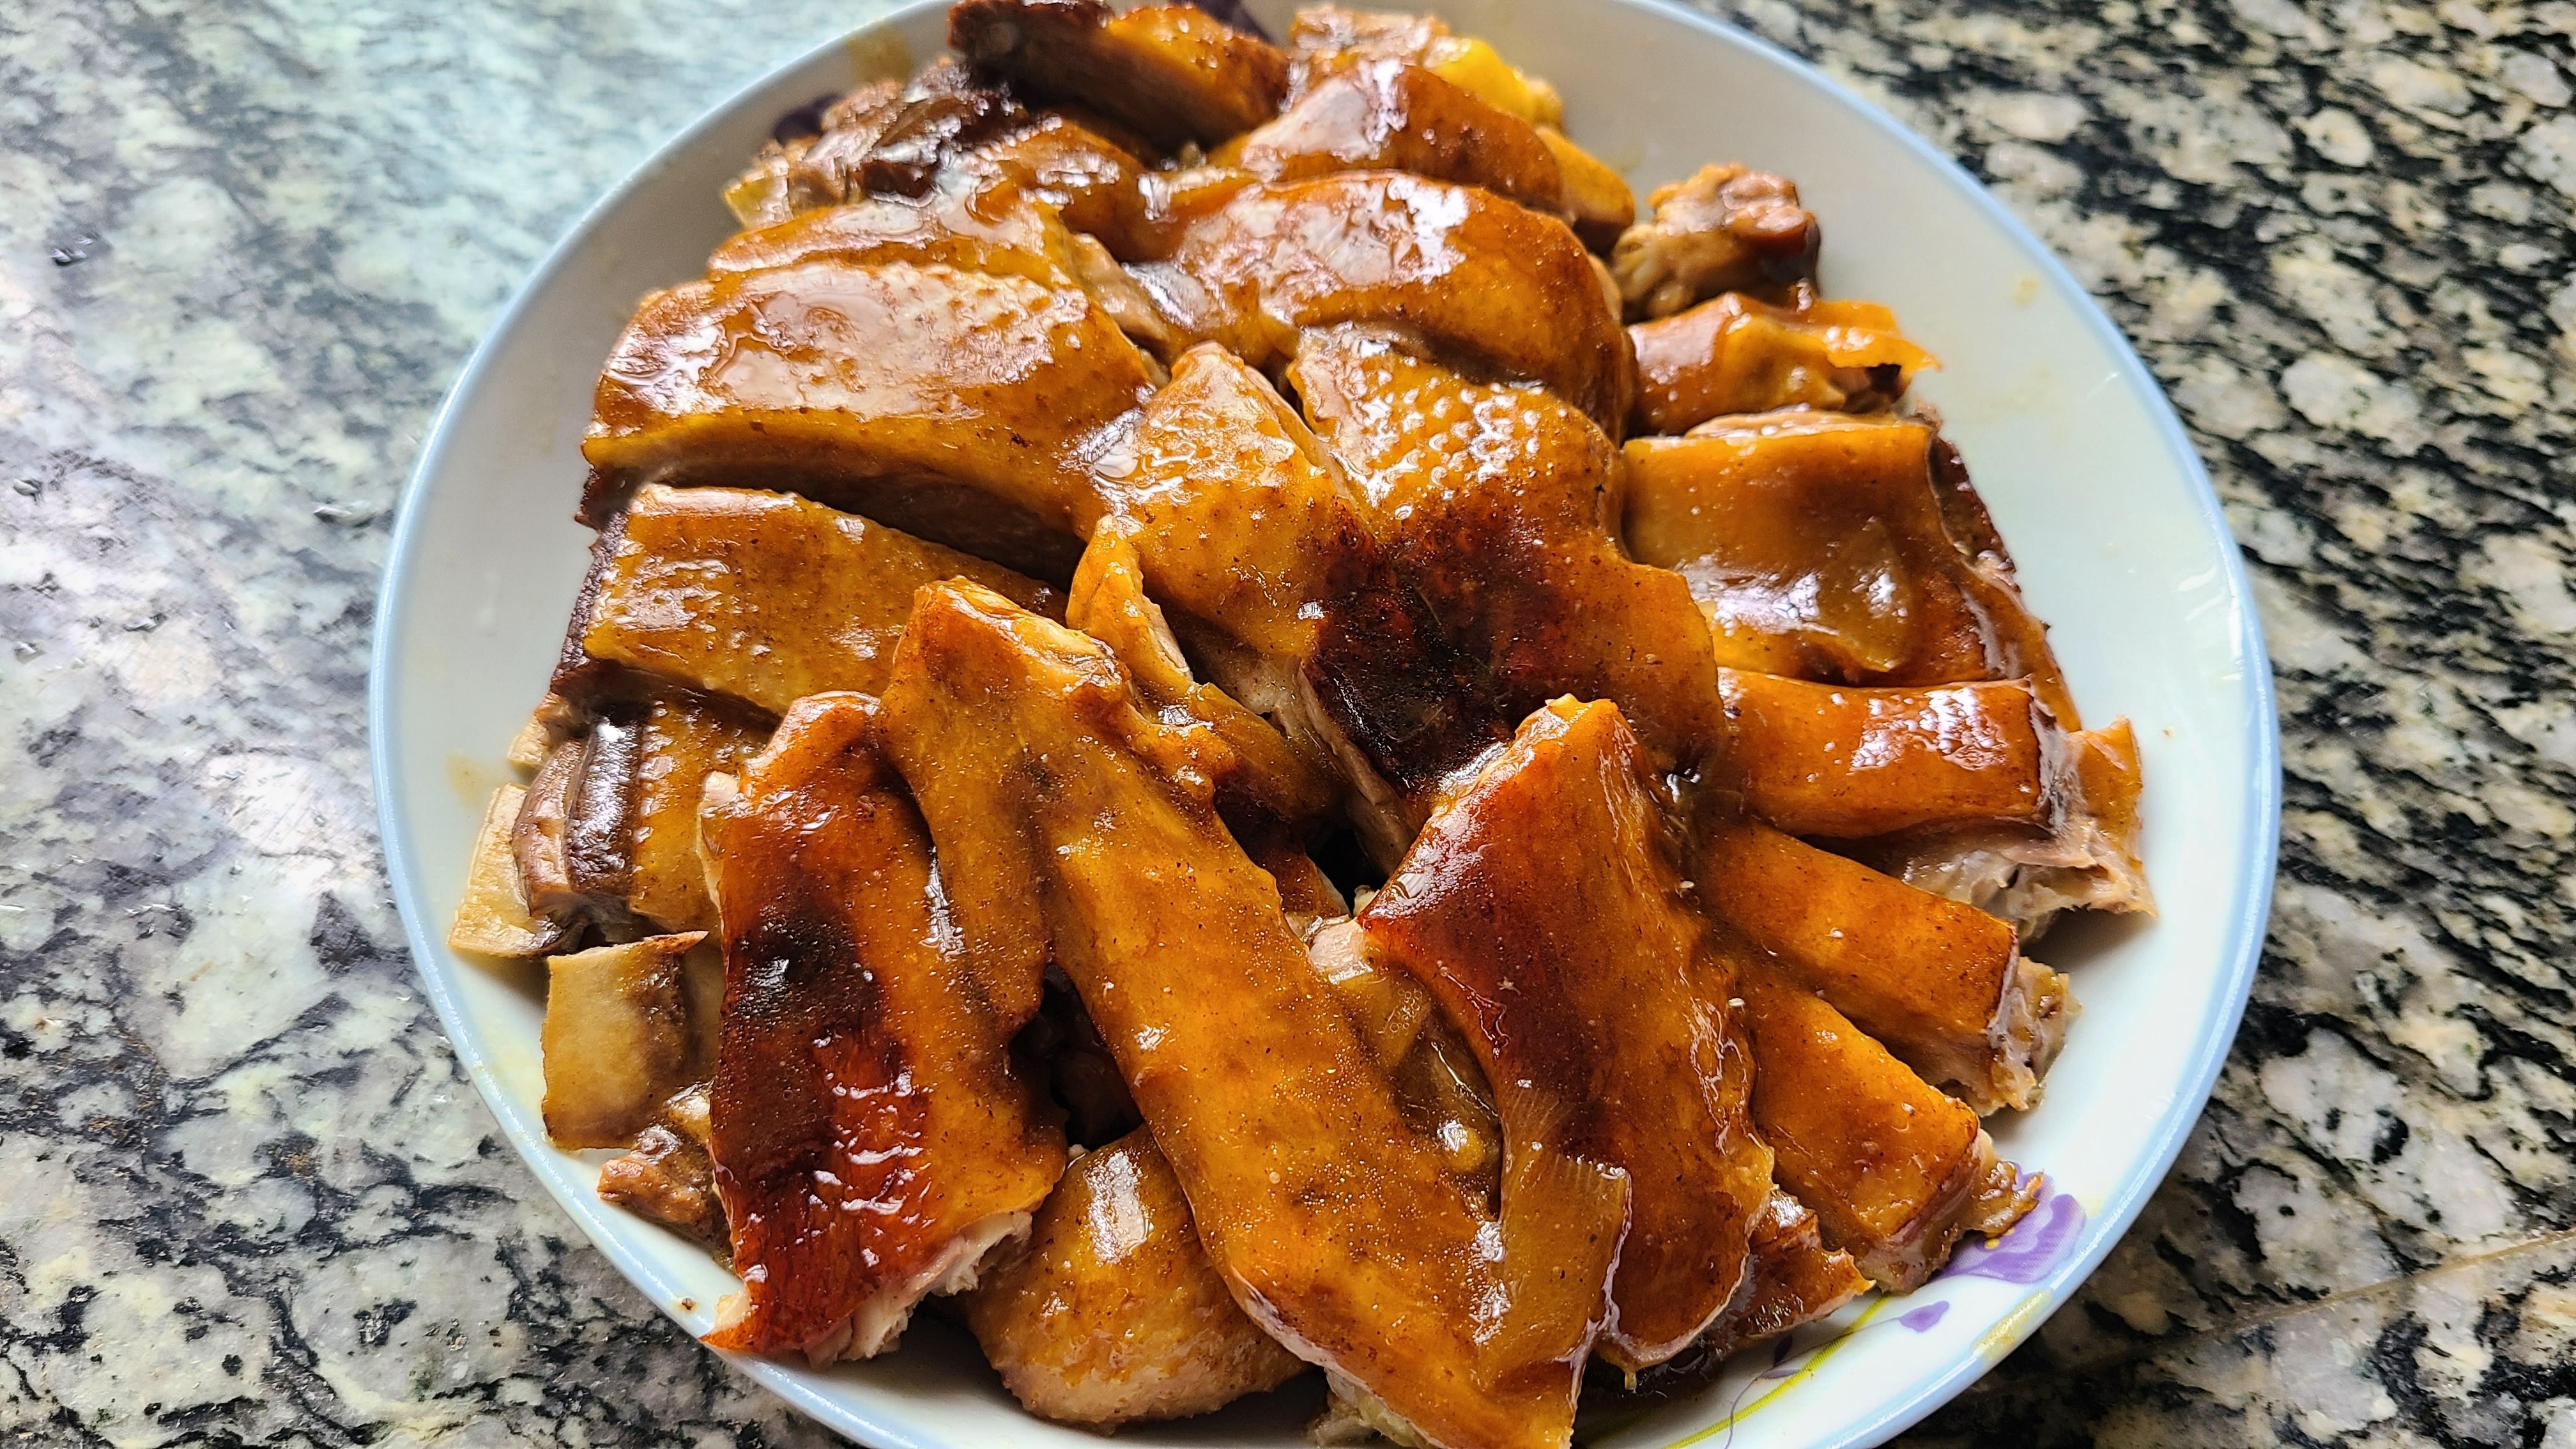 酸梅鴨這樣做太香了,是廣東很出名的家常菜,嫩滑好吃又簡單